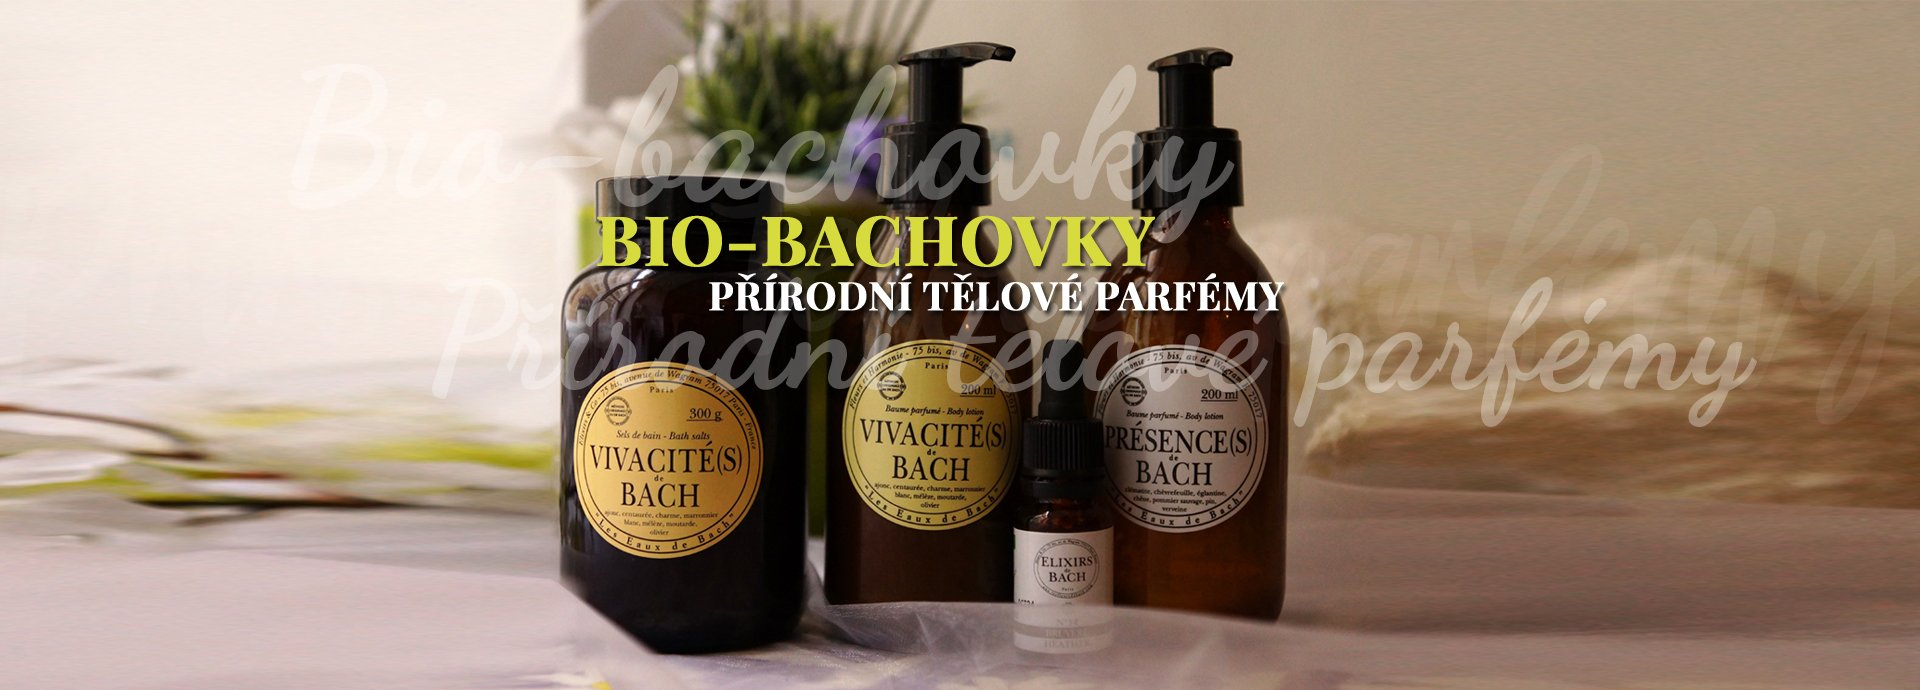 Bio Bachovky - přírodní tělové parfémy